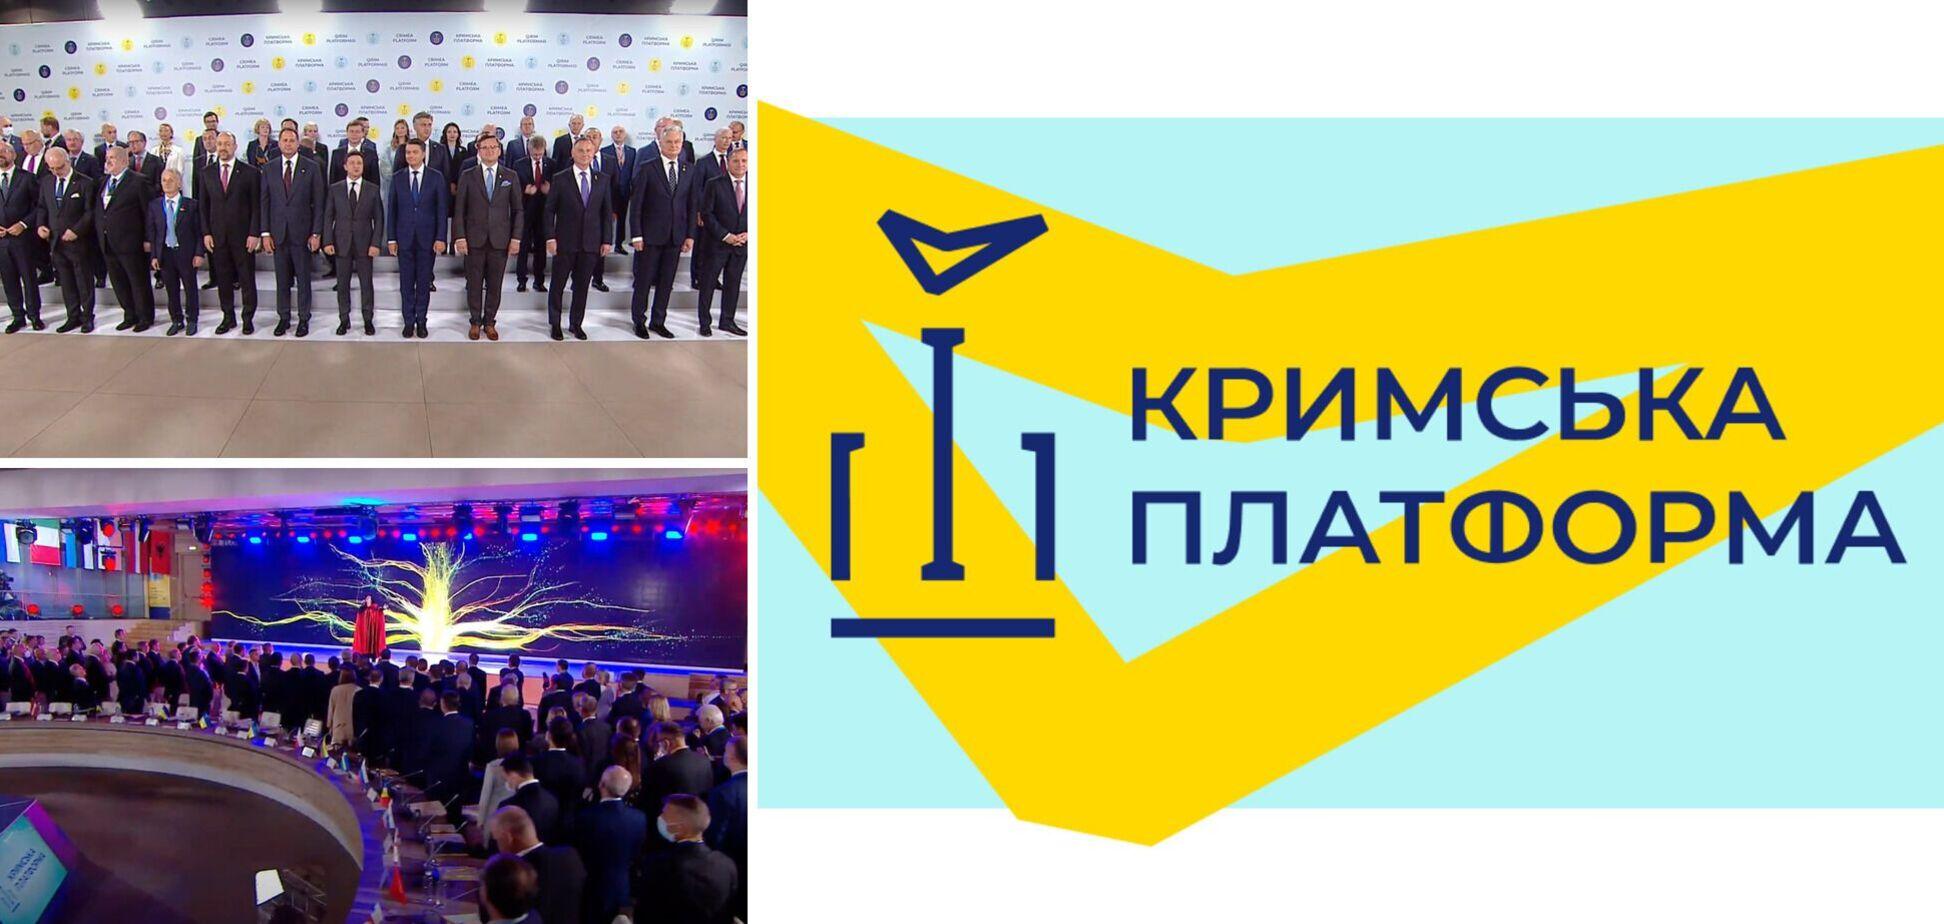 Зеленский призвал Россию исправить 'историческую ошибку': как прошел первый саммит 'Крымской платформы'